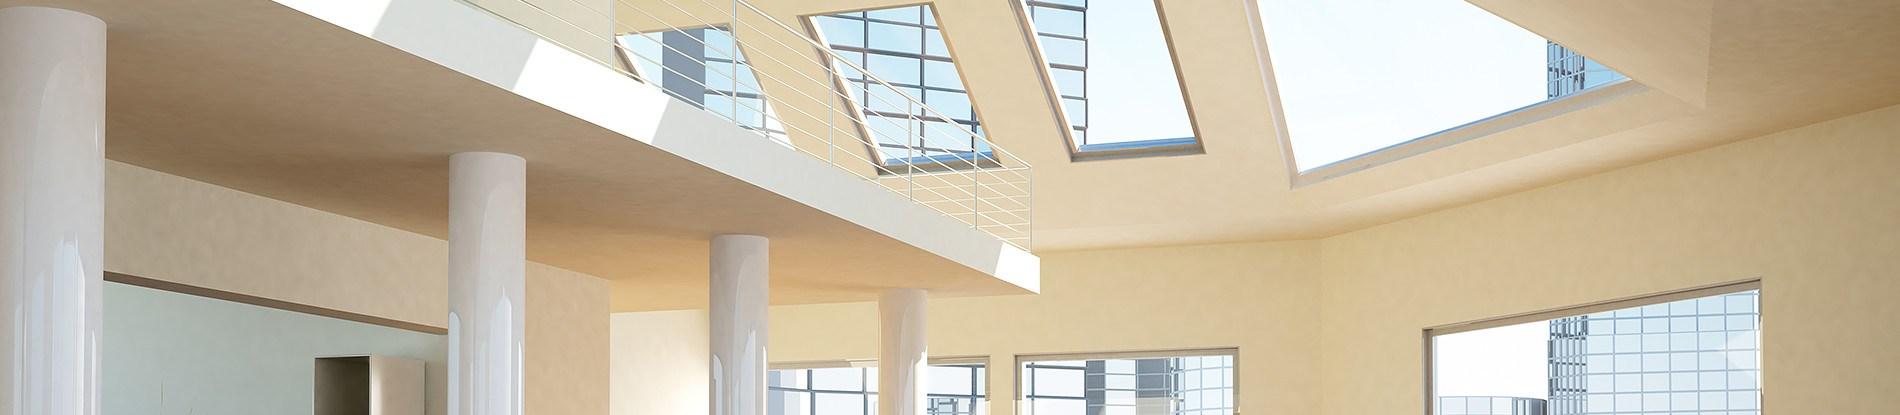 Moderne fensterformen  Fensterformen - diverse Modelle günstig kaufen |neuffer.de